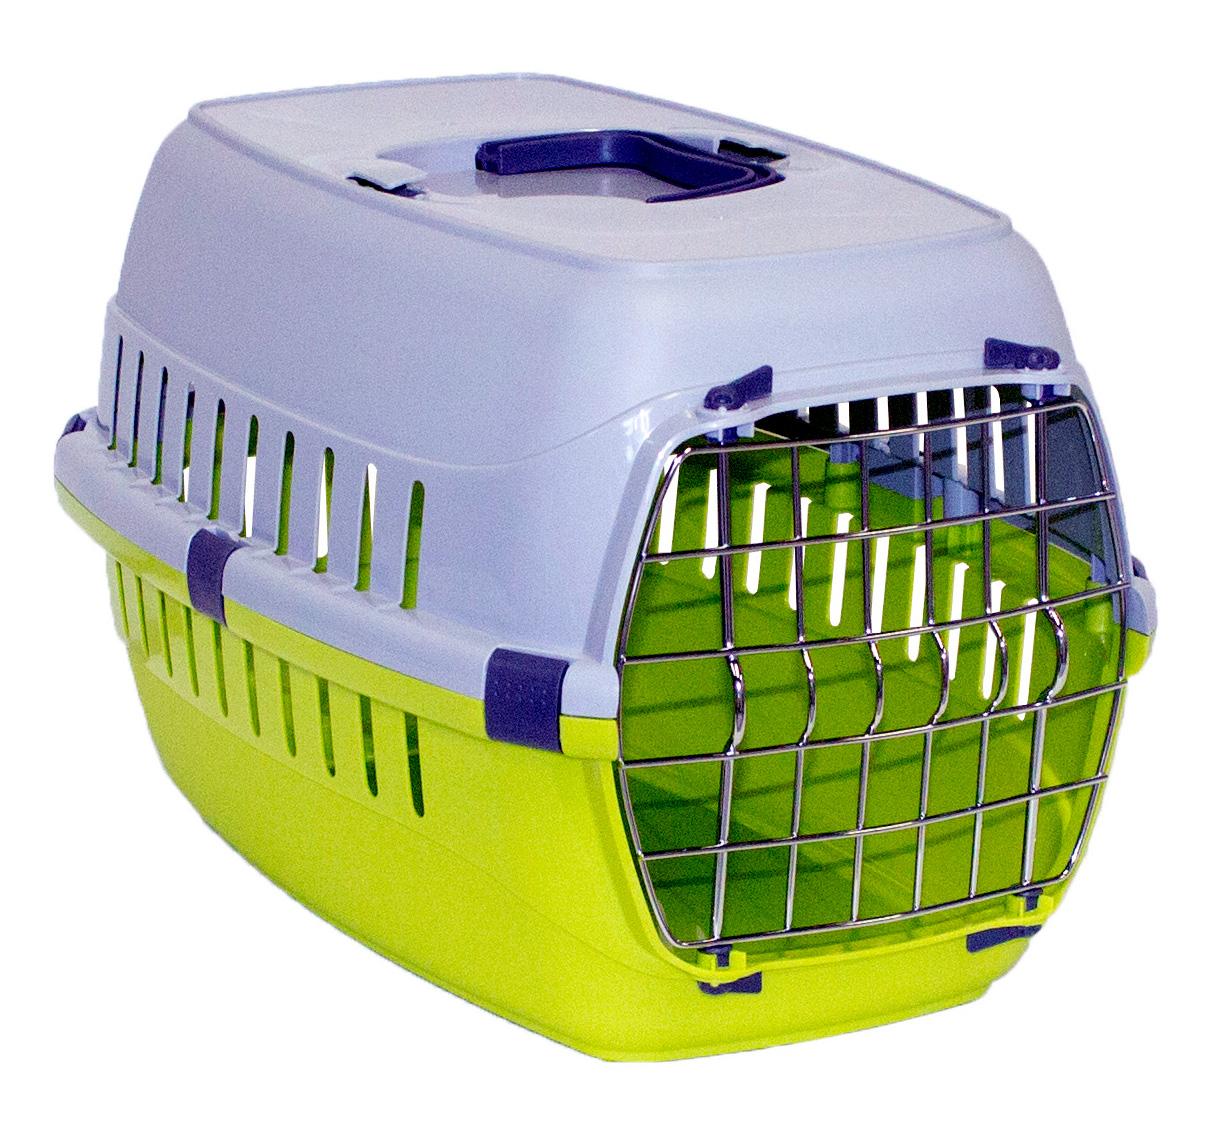 Transportbur Roadrunner 1 Metalldörr Neongrön MP Hundburar plast Dörr Väskor Hundburar